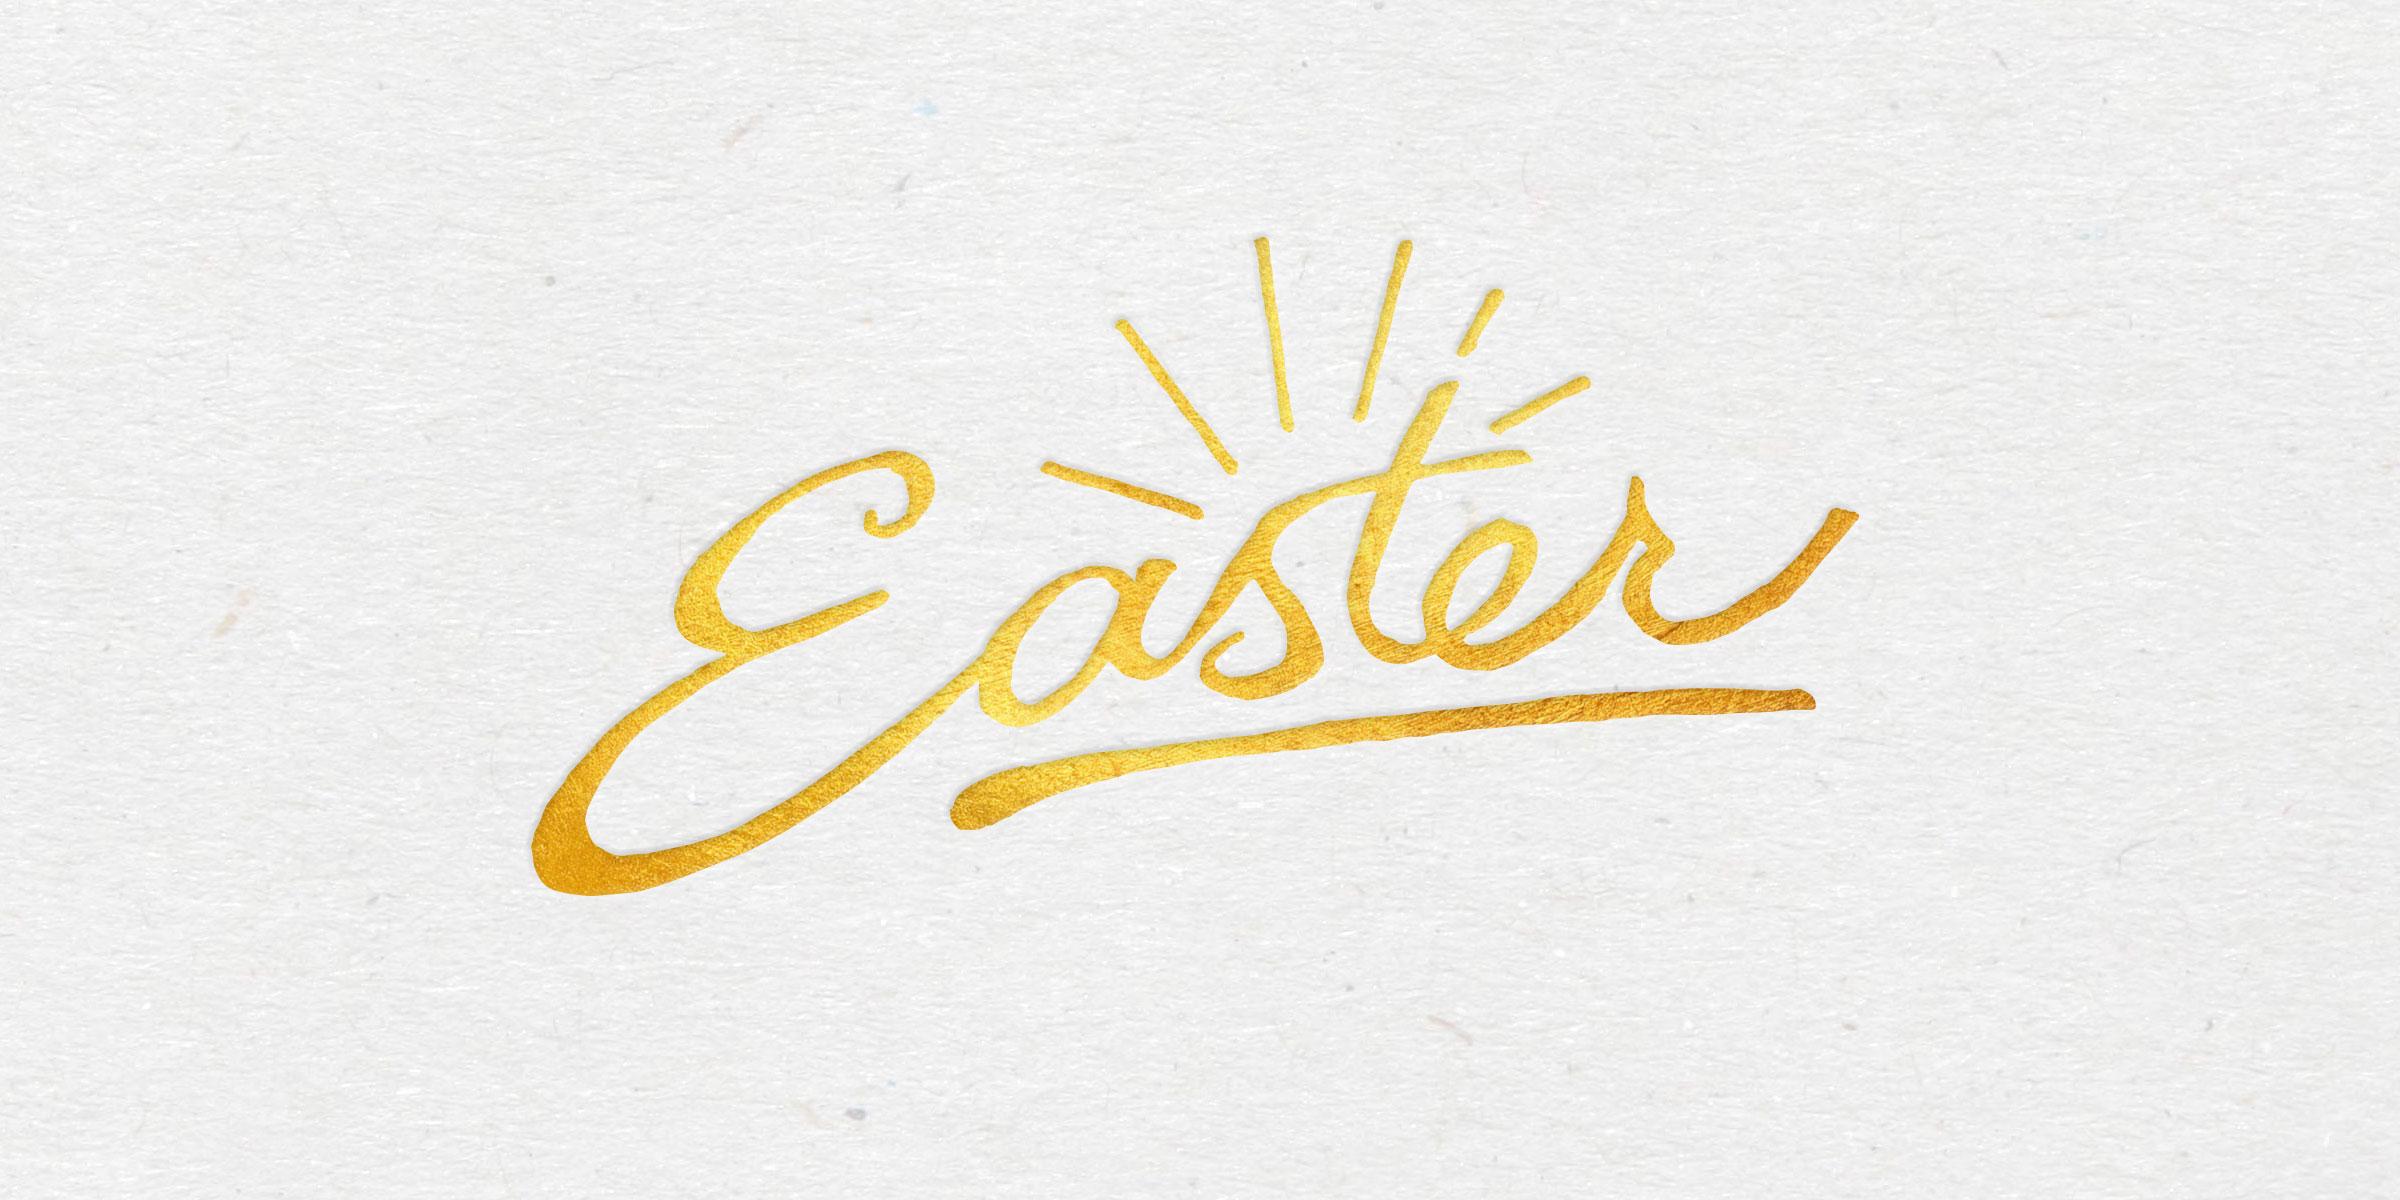 Easter-Concept-01.jpg